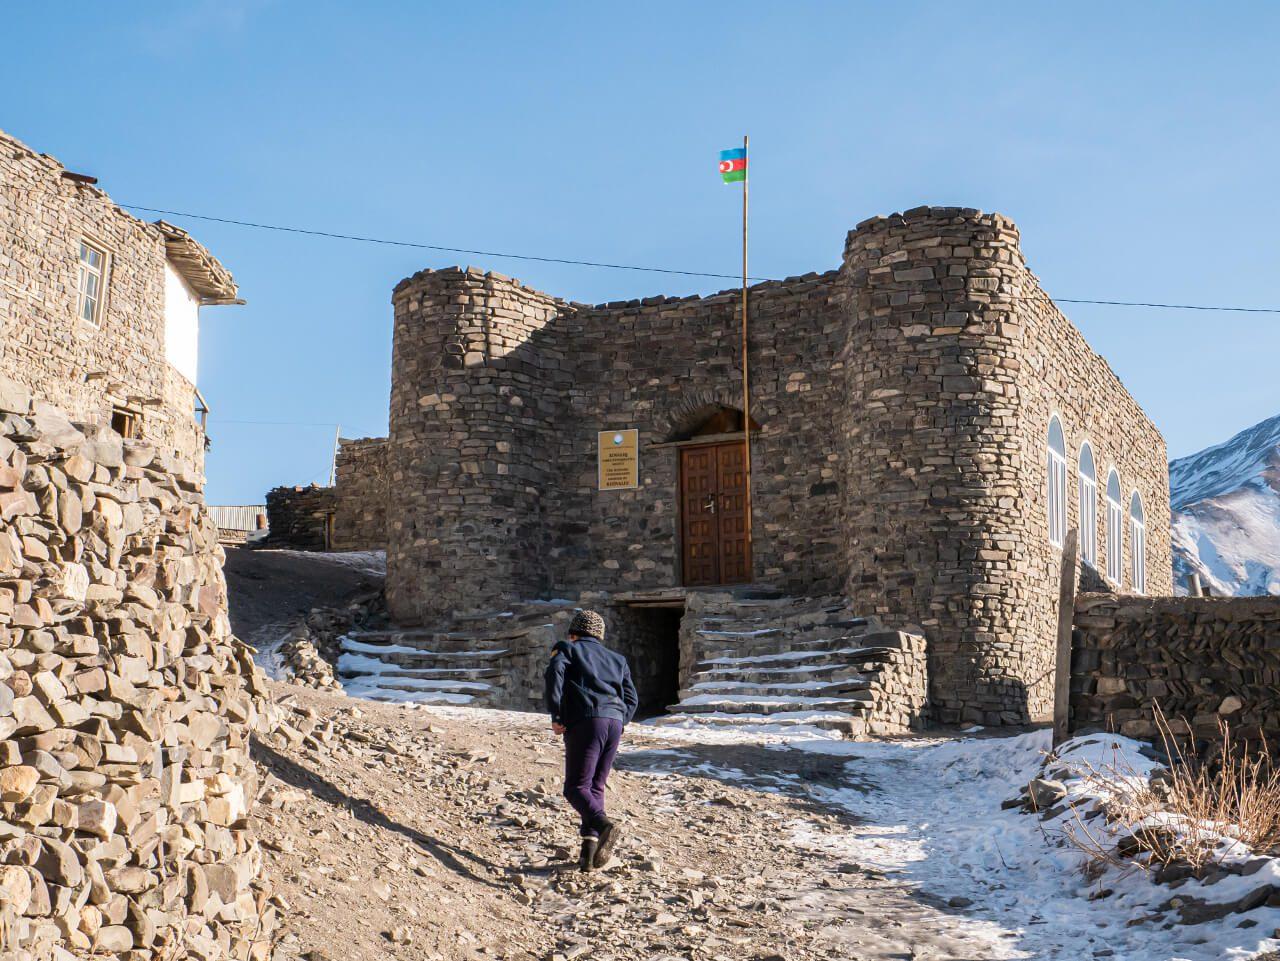 Muzeum Historyczne i Etnograficzne w Xinaliq